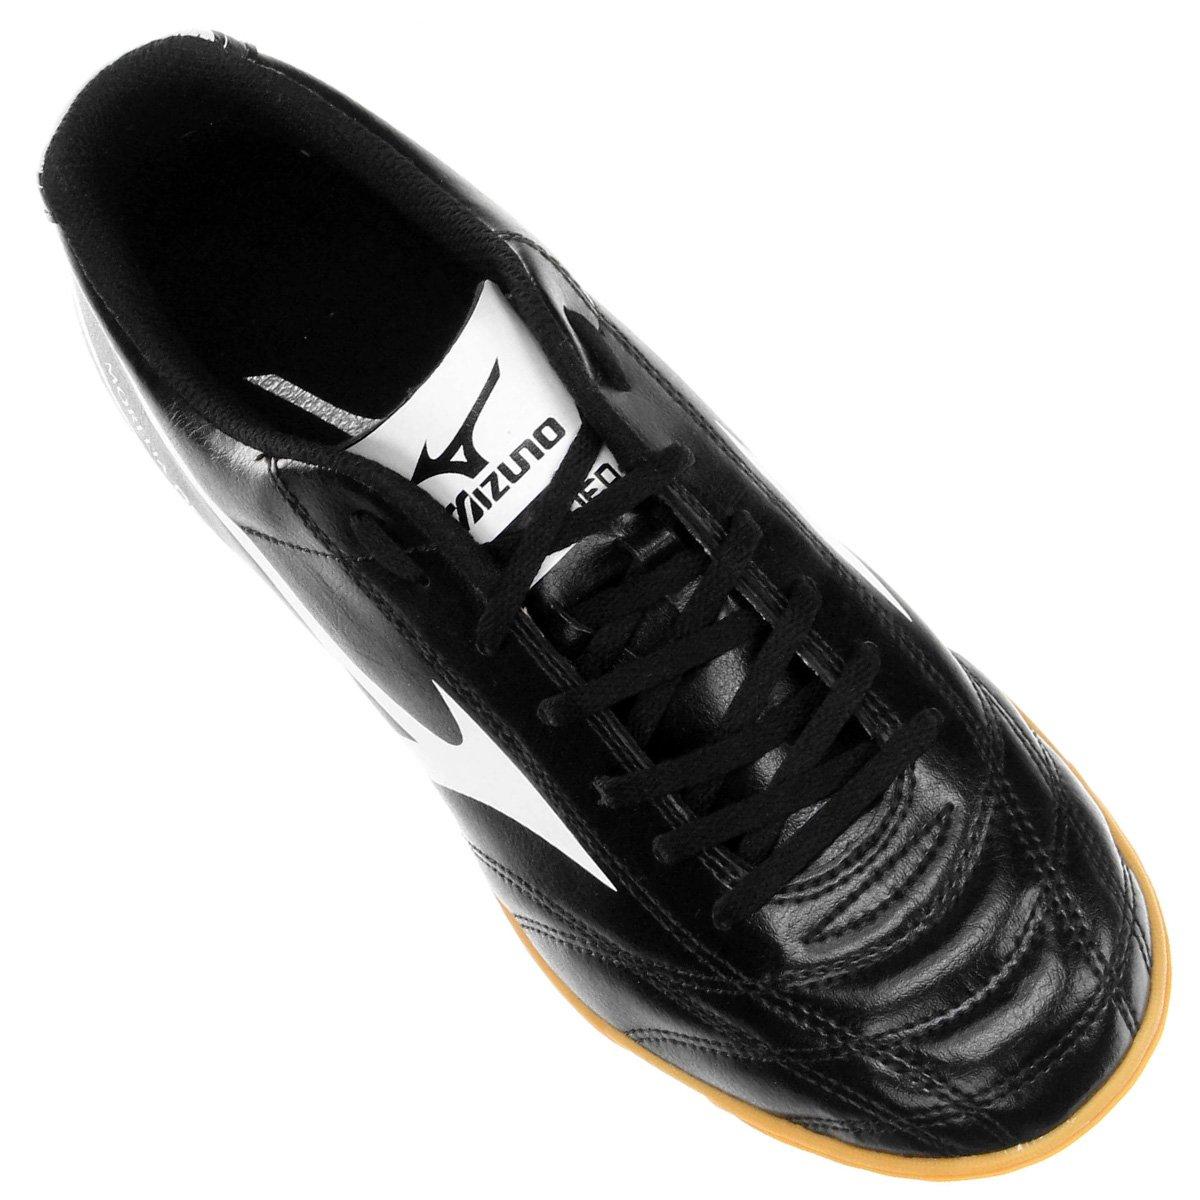 Chuteira Futsal Mizuno Morelia Neo Club IN - Preto e Branco - Compre ... 896f2c30e8